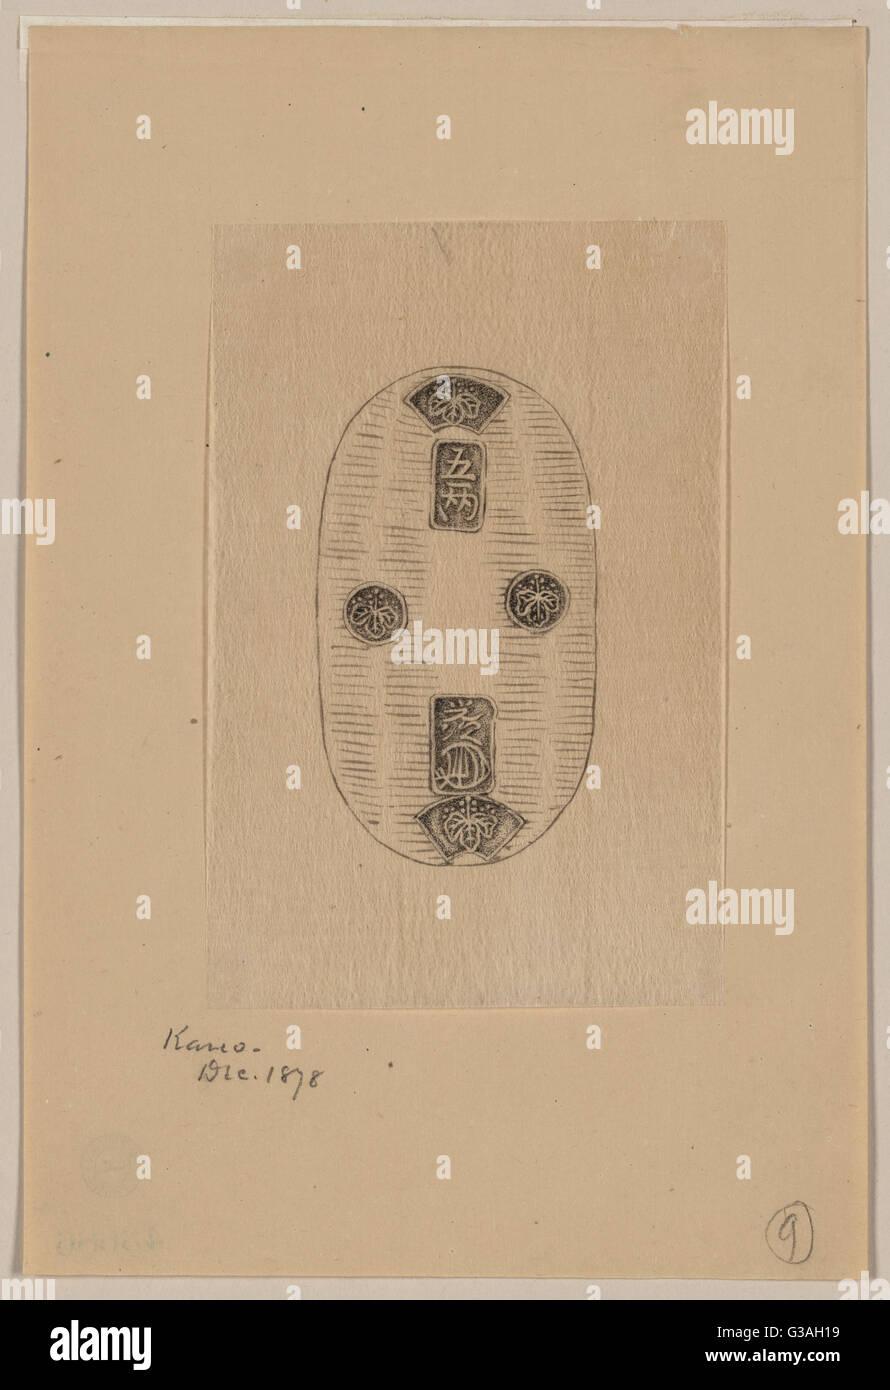 Conception de forme ovale dimensions du joint ou autre marque pour les entreprises commerciales. 31/12/1878 Date Photo Stock